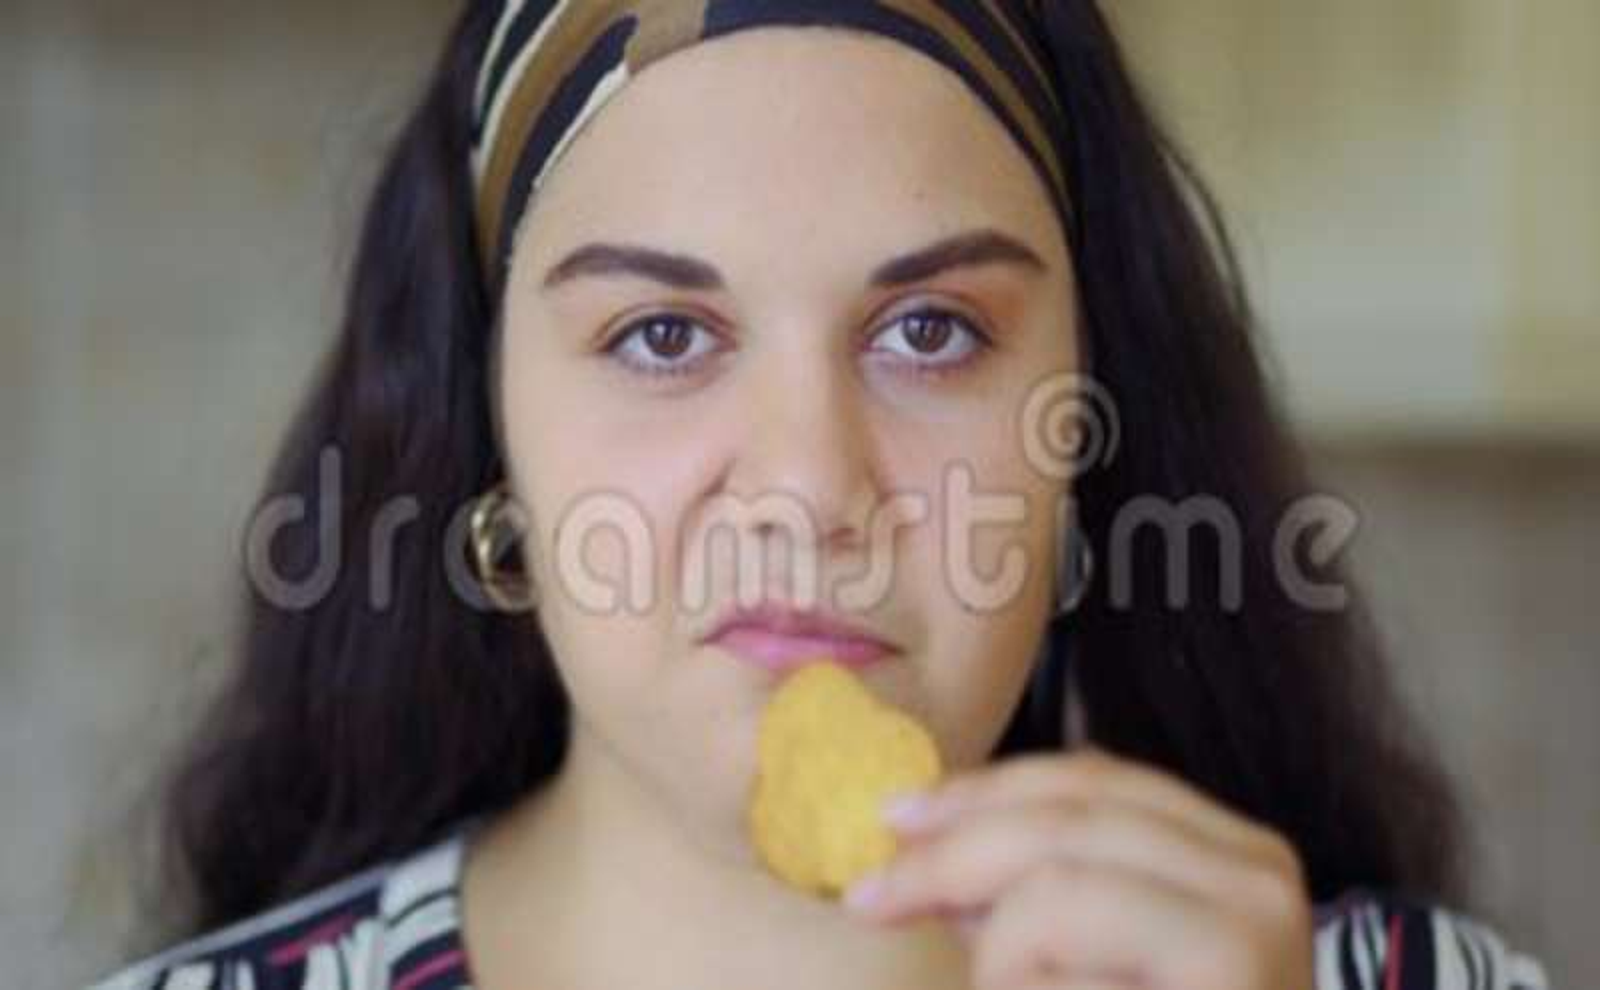 Bbw close up pics